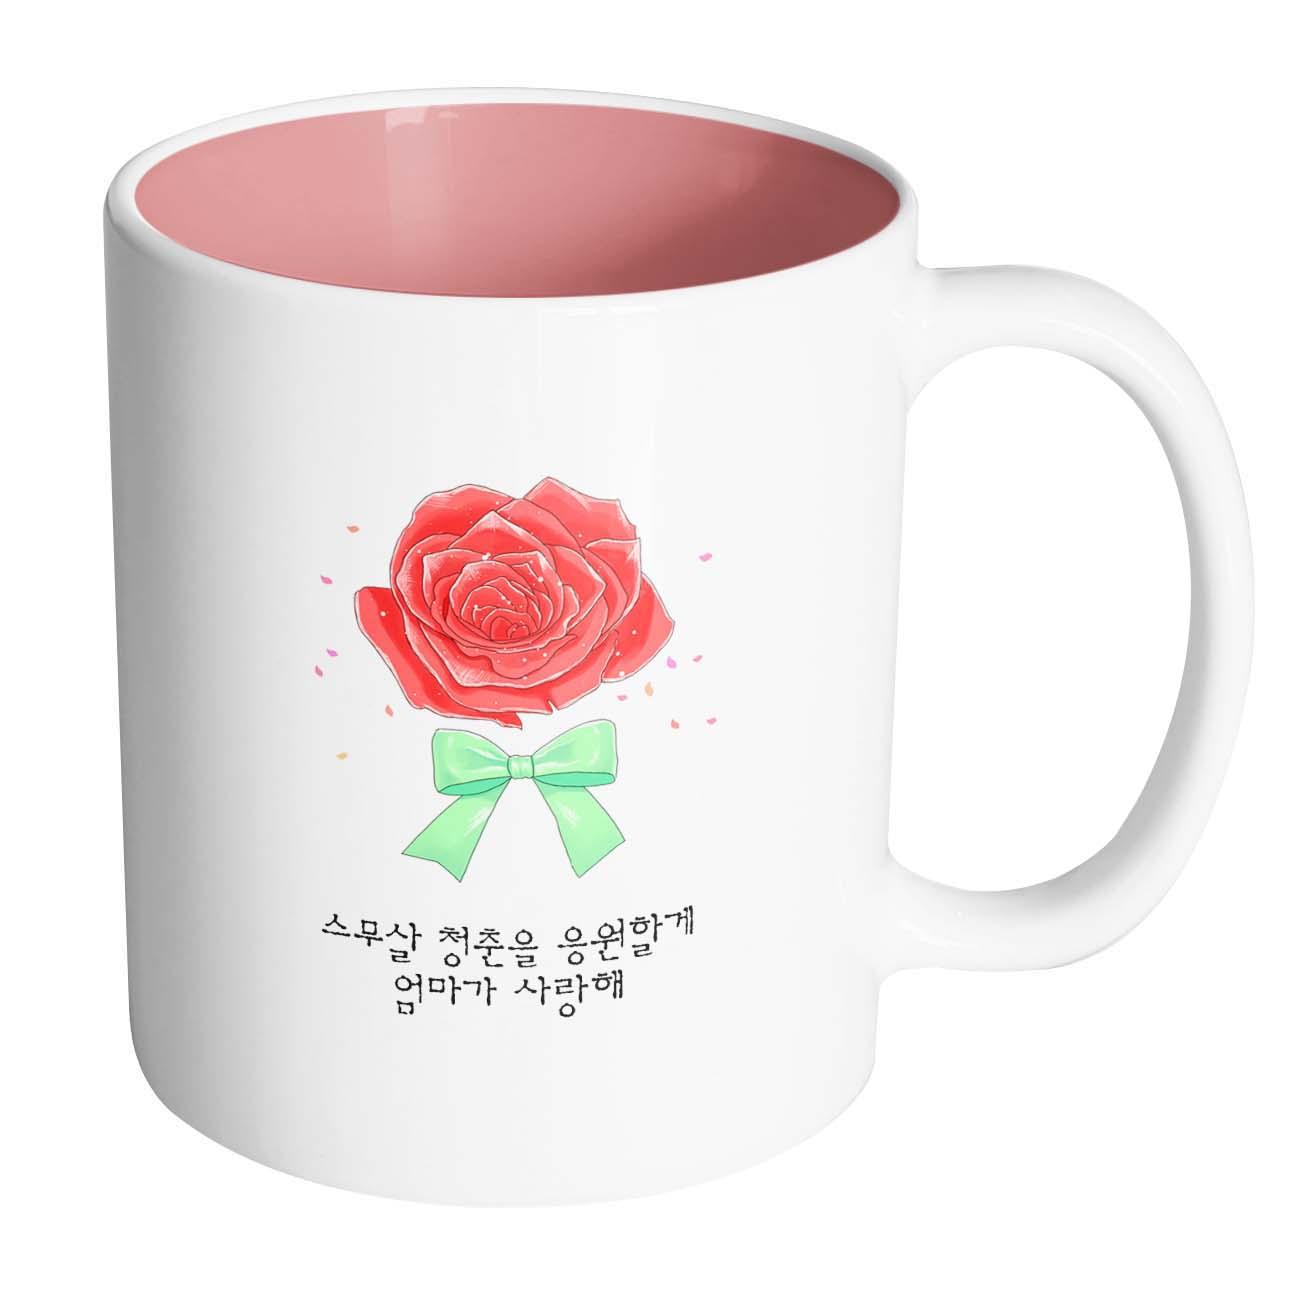 핸드팩토리 장미꽃성년의날 스무살 청춘을 응원할게 엄마가 사랑해 머그컵, 내부 파스텔 핑크, 1개